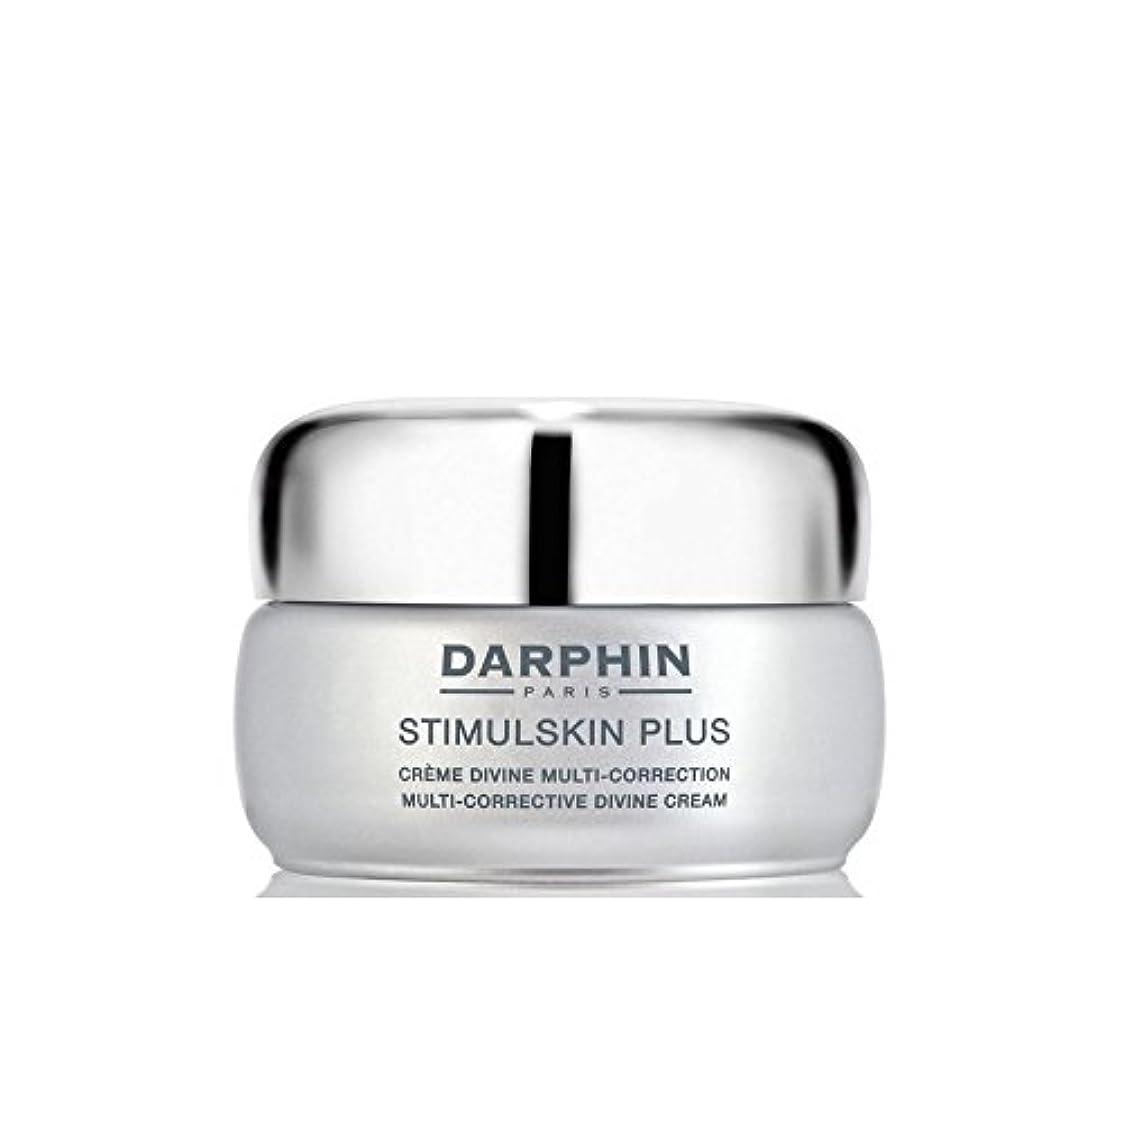 湿度ぬるい超えてDarphin Stimulskin Plus Multi-Corrective Divine Cream - Rich (Pack of 6) - ダルファンスティプラスマルチ是正神クリーム - 豊富 x6 [並行輸入品]